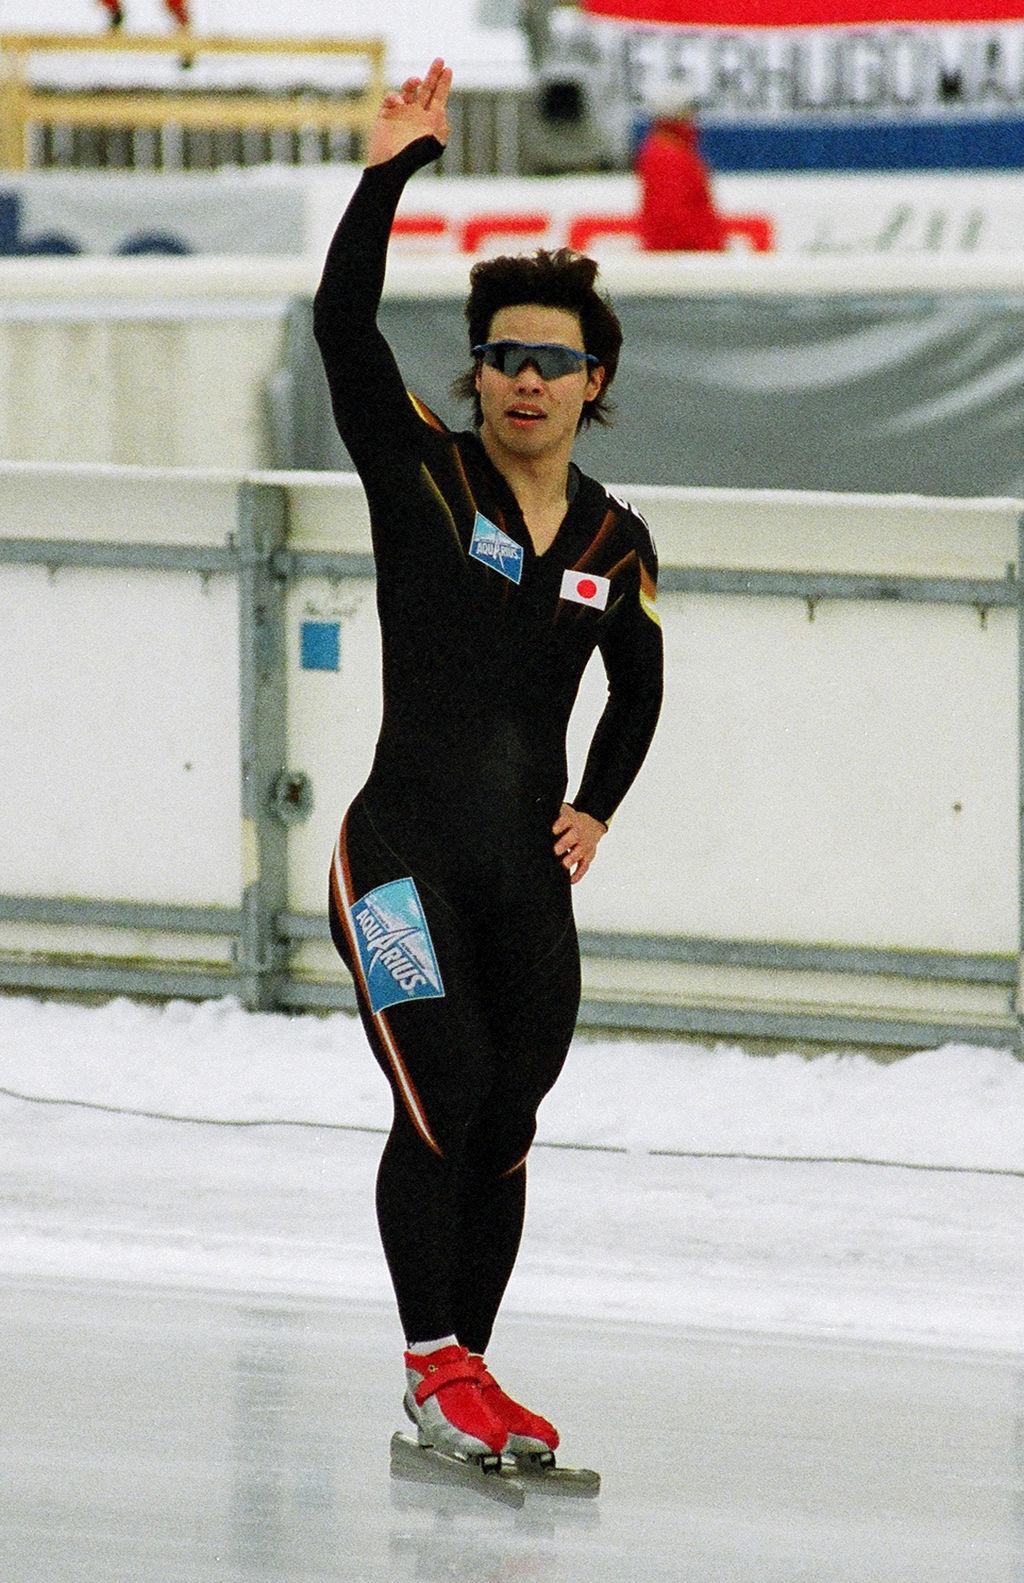 清水 宏保(Hiroyasu Shimizu)Wikipediaより